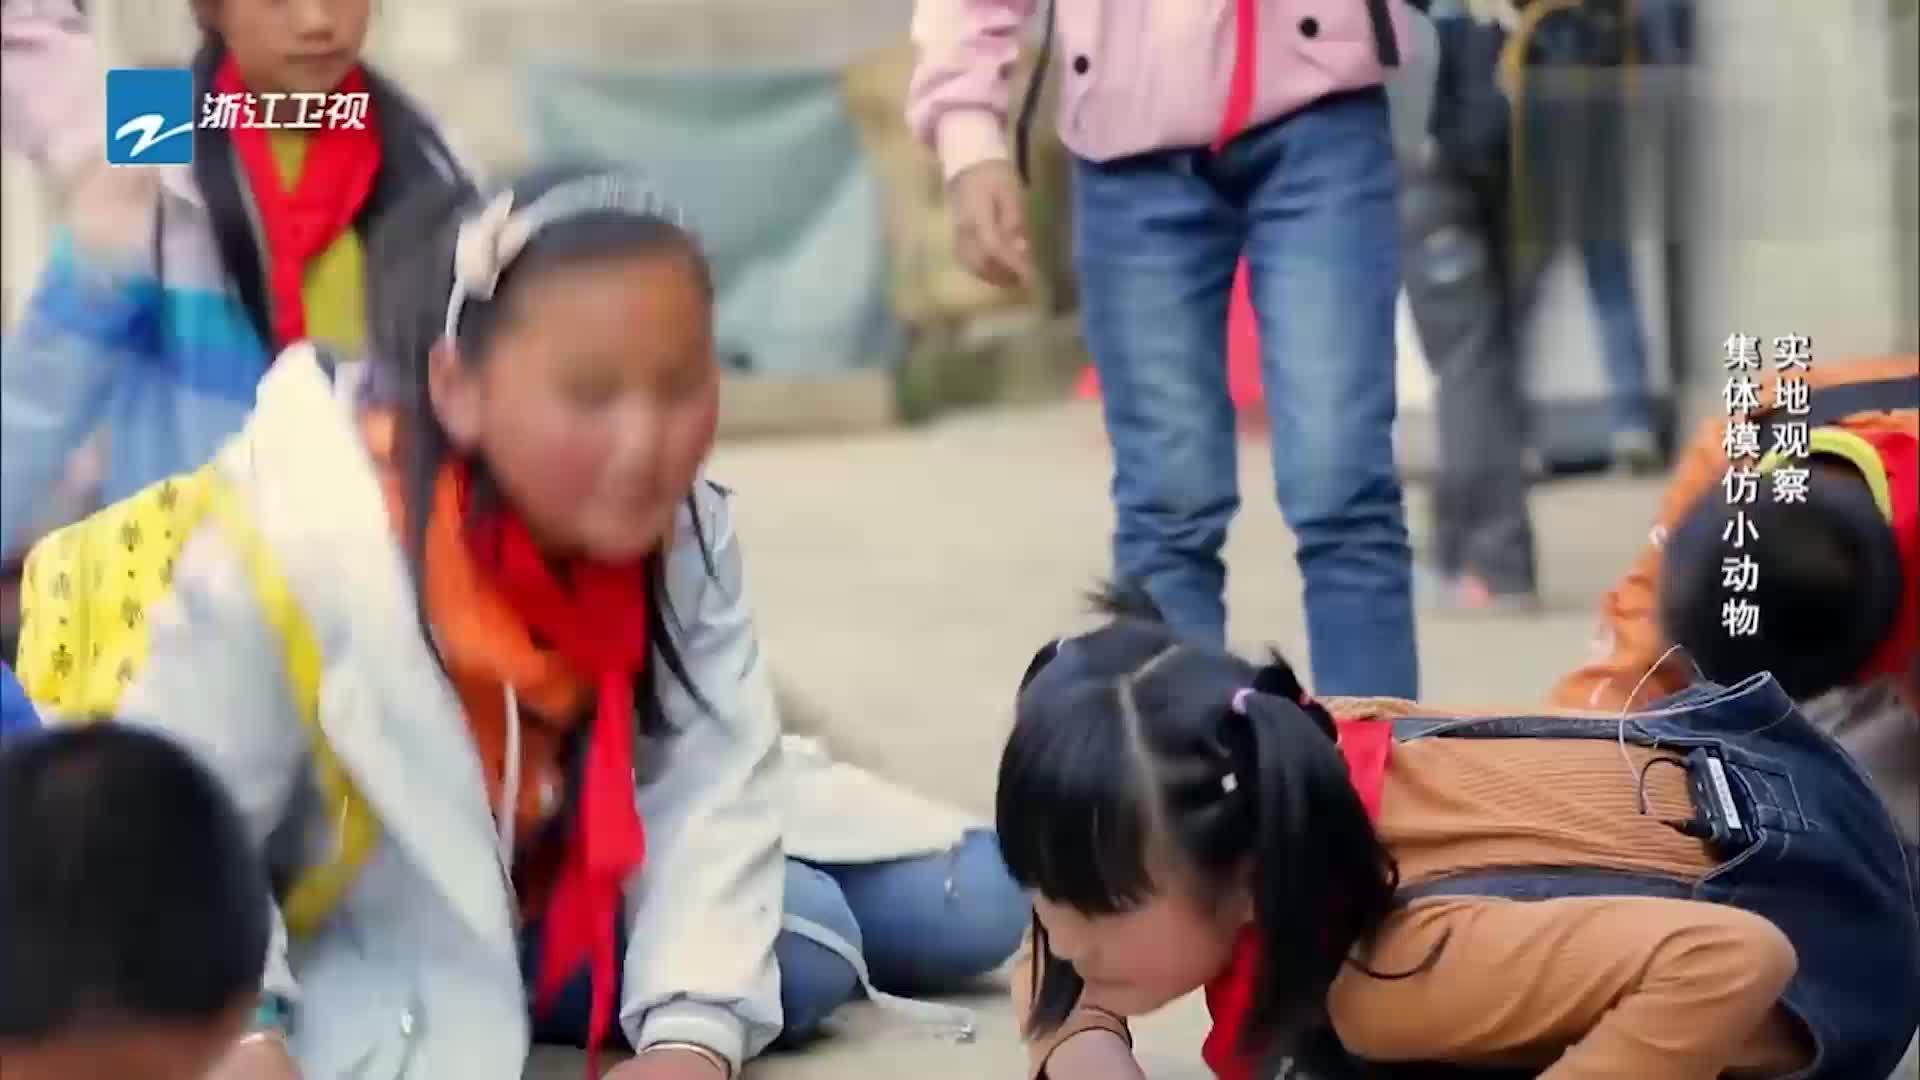 同一堂课:杨祐宁要去当老师,特意找昔日老师请教,心情忐忑